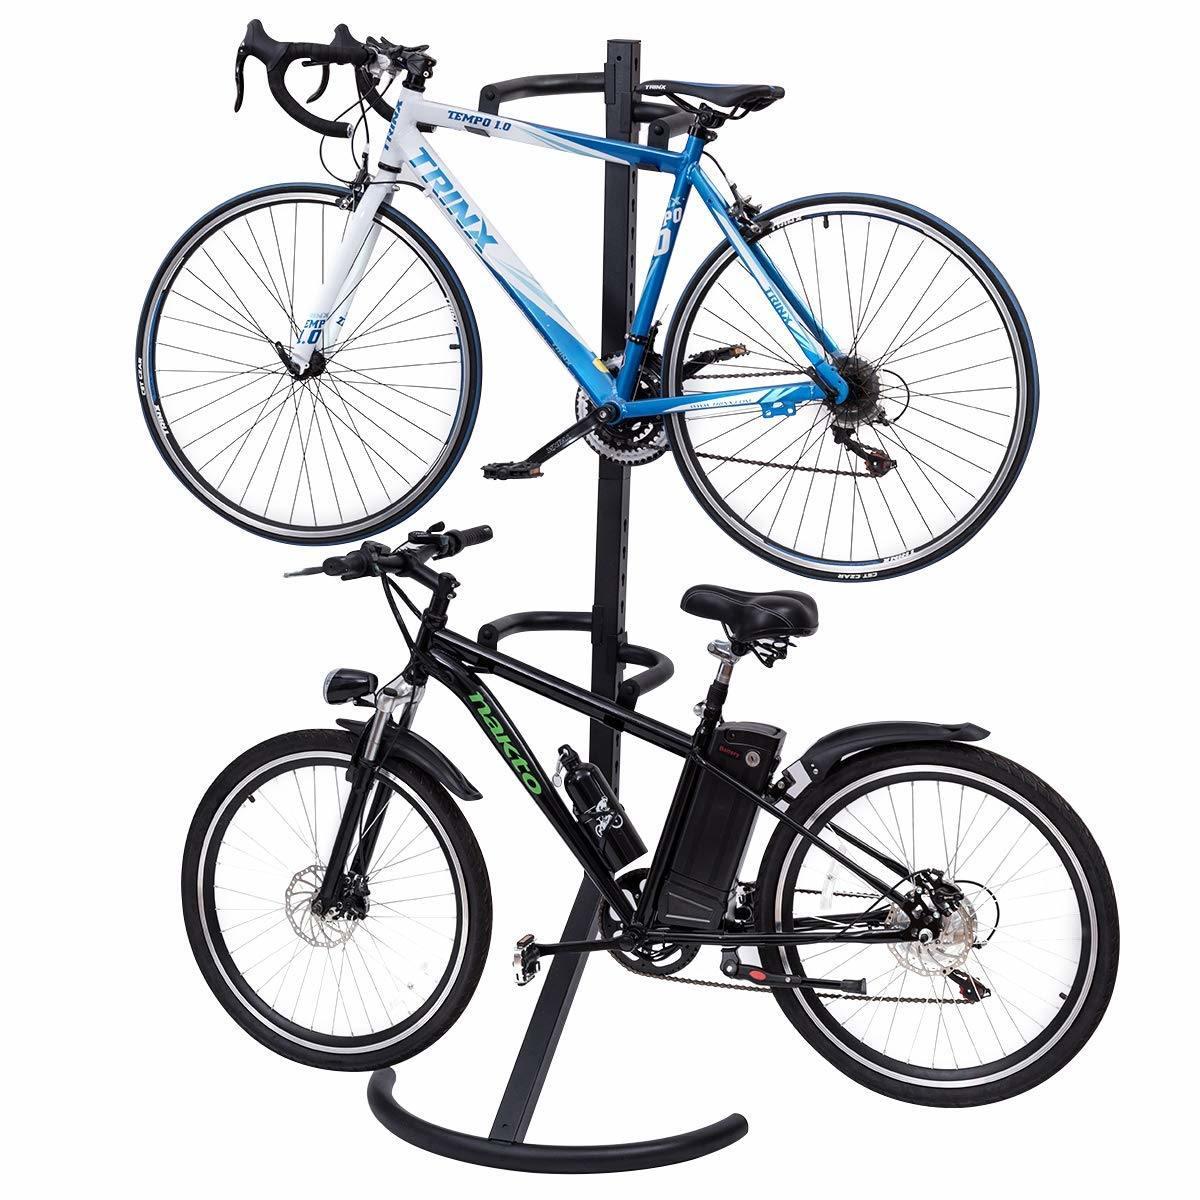 Fixation Pour Velo Garage chine affichage de deux vélos support vélo pour garage ou d